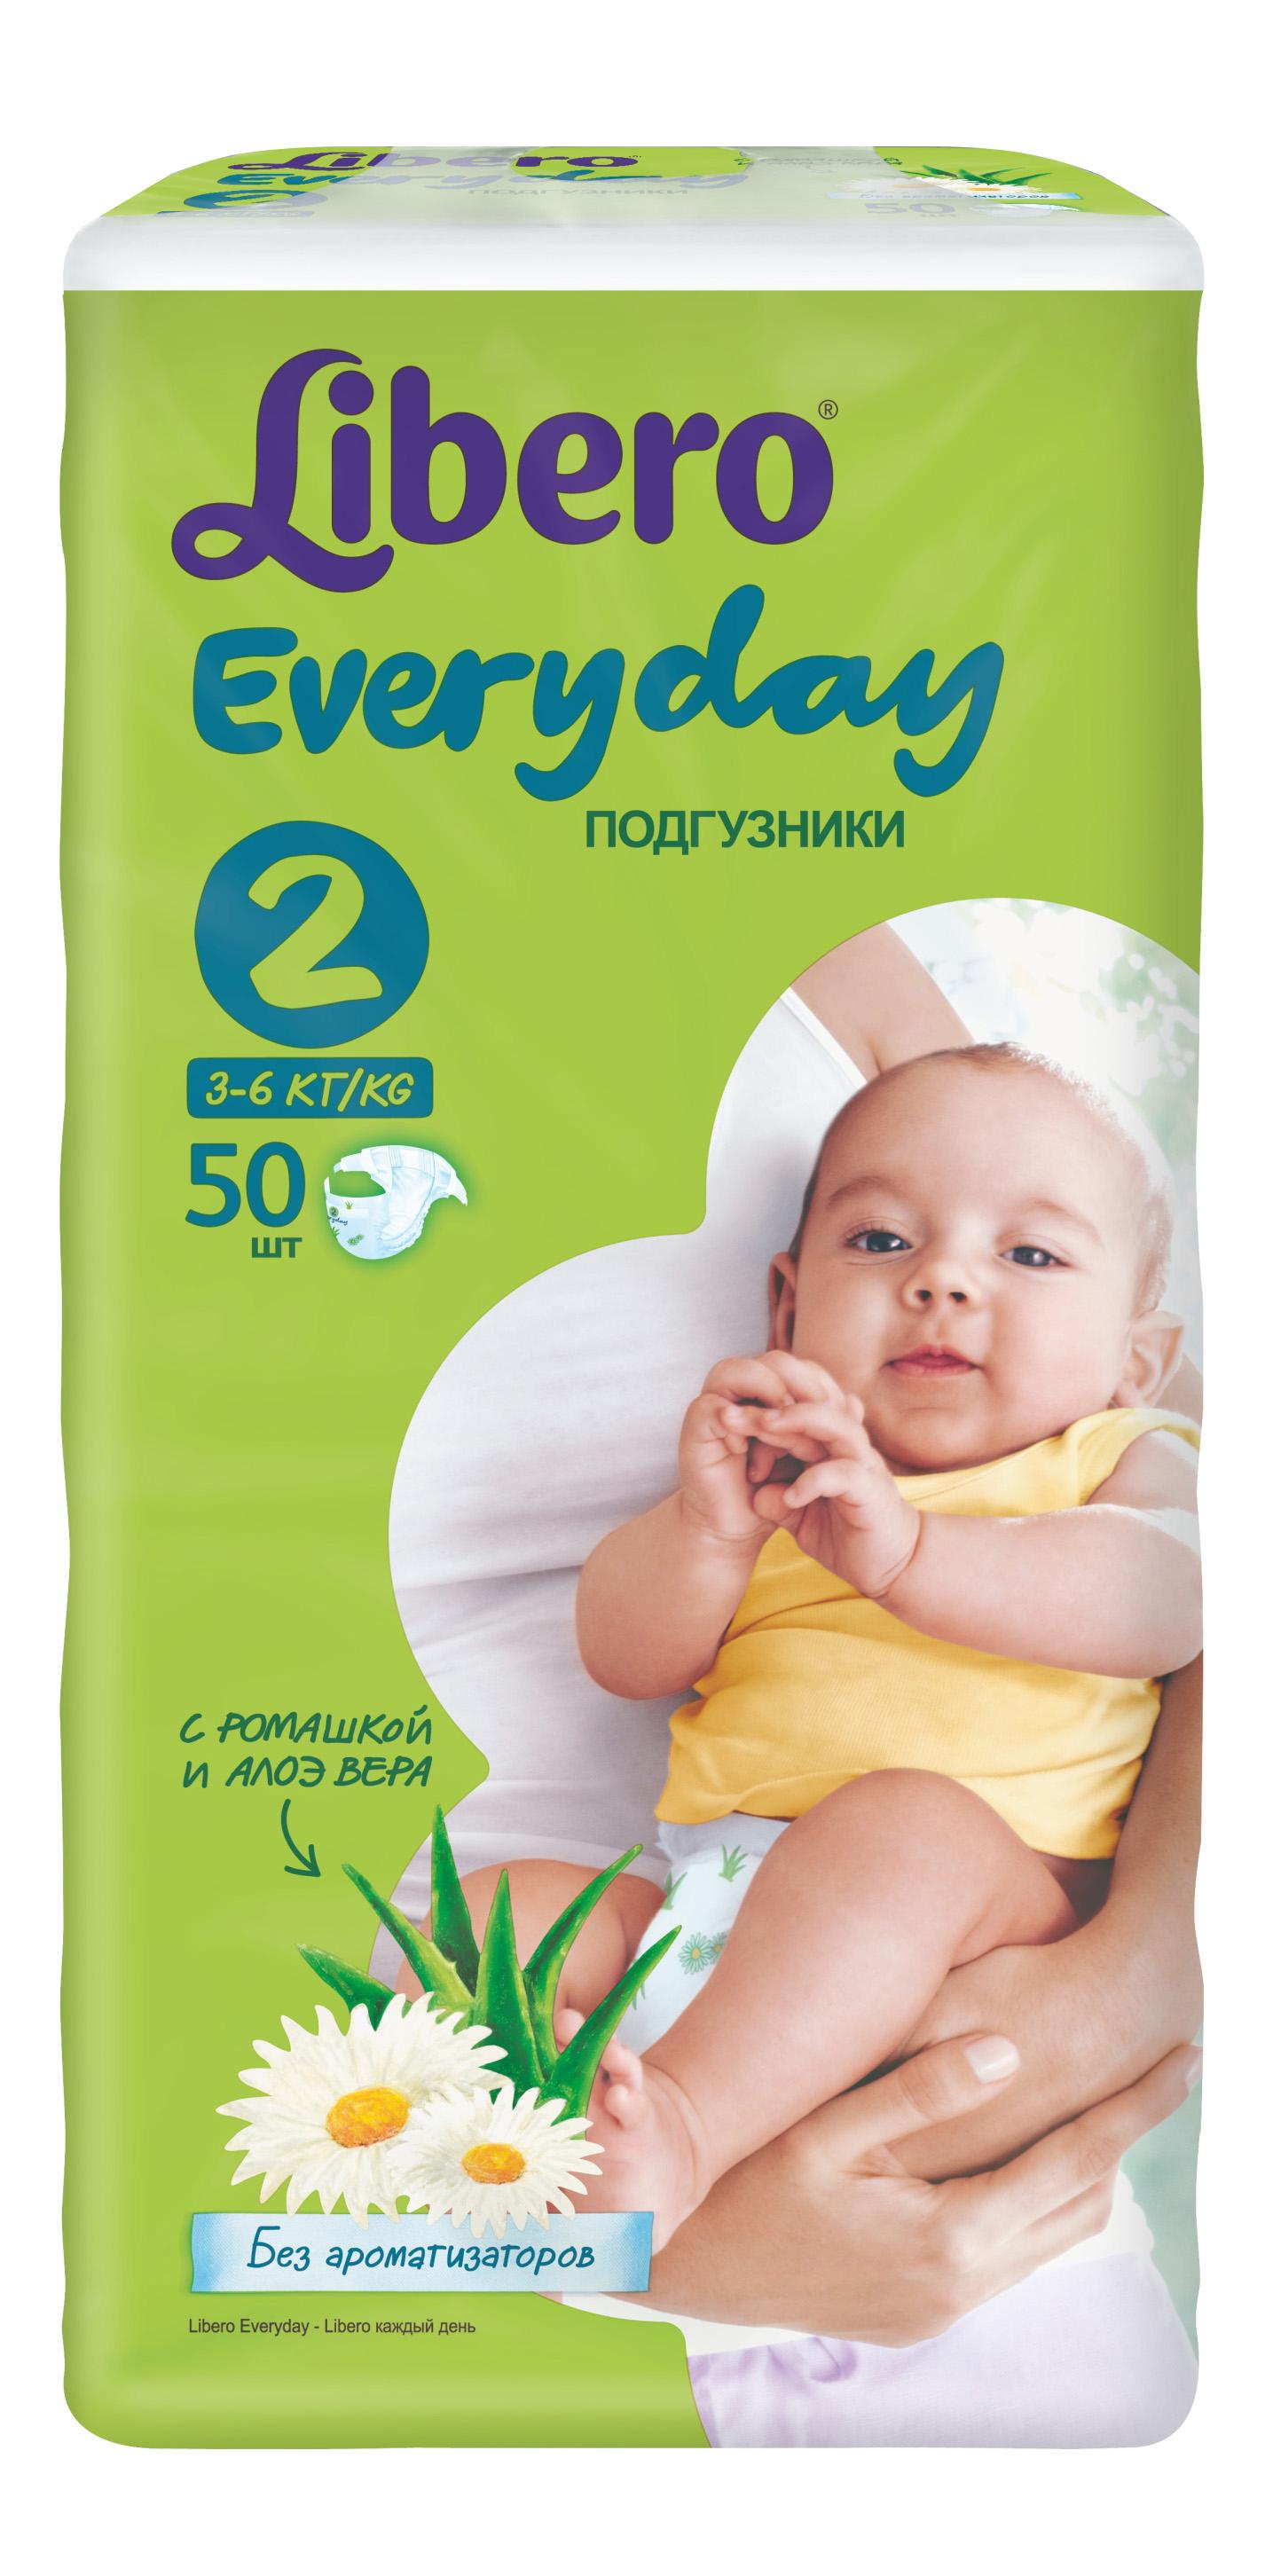 Купить Подгузники для новорожденных Libero Everyday Size 2 (3-6кг), 50 шт.,